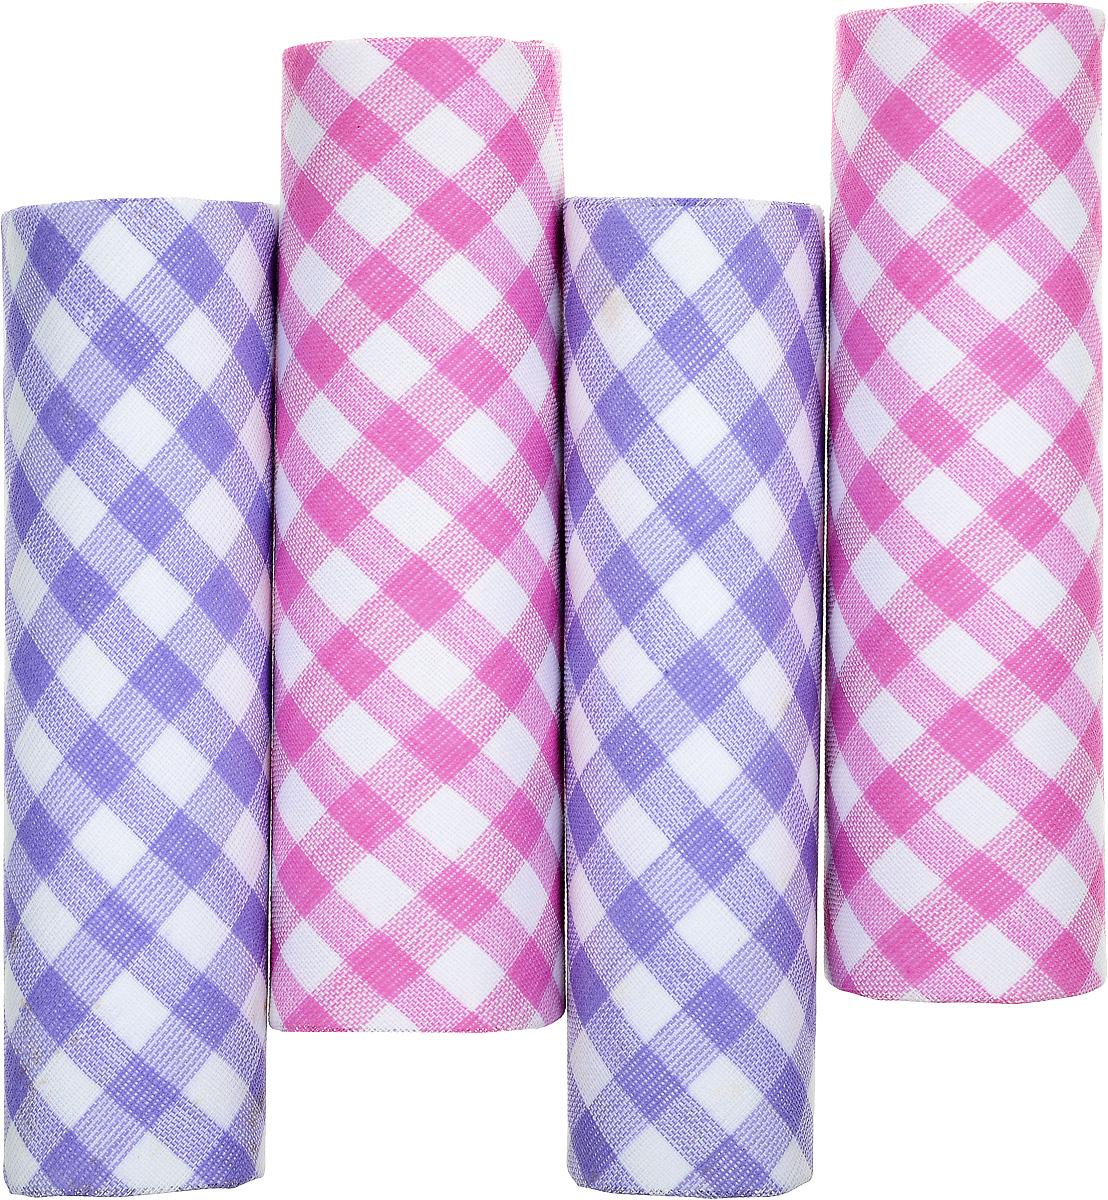 Платок носовой женский Zlata Korunka, цвет: белый, розовый, сиреневый. 71420-2. Размер 29 х 29 см, 4 штСерьги с подвескамиНосовой платок Zlata Korunka изготовлен из высококачественного натурального хлопка, благодаря чему приятен в использовании, хорошо стирается, не садится и отлично впитывает влагу. Практичный и изящный носовой платок будет незаменим в повседневной жизни любого современного человека. Такой платок послужит стильным аксессуаром и подчеркнет ваше превосходное чувство вкуса.В комплекте 4 платка.